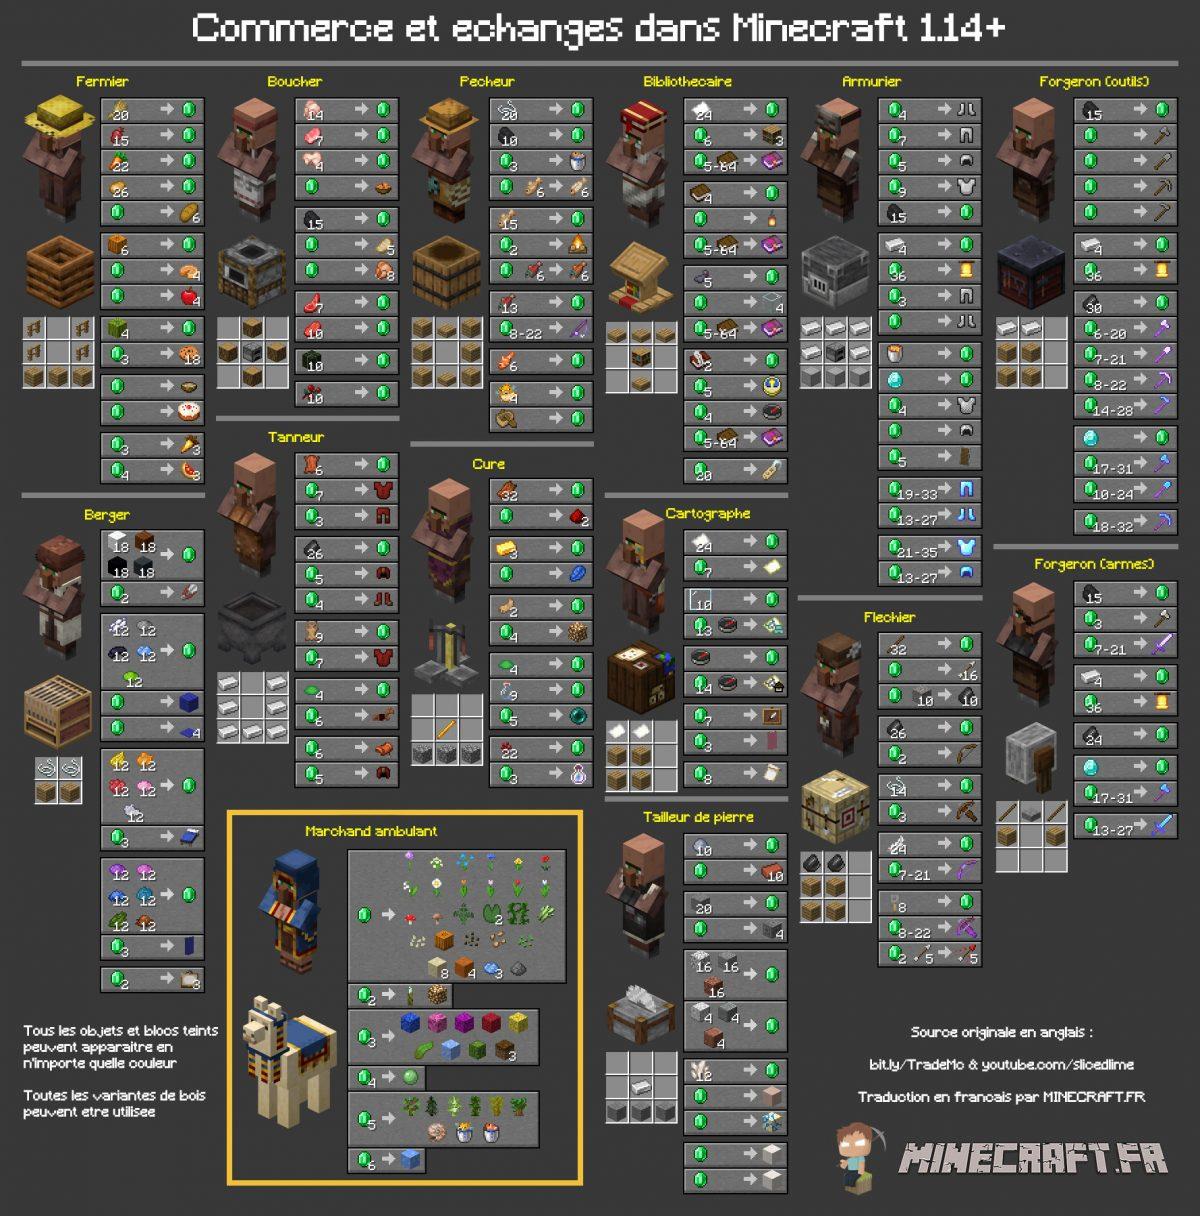 Commerce et échanges dans Minecraft avec villageois